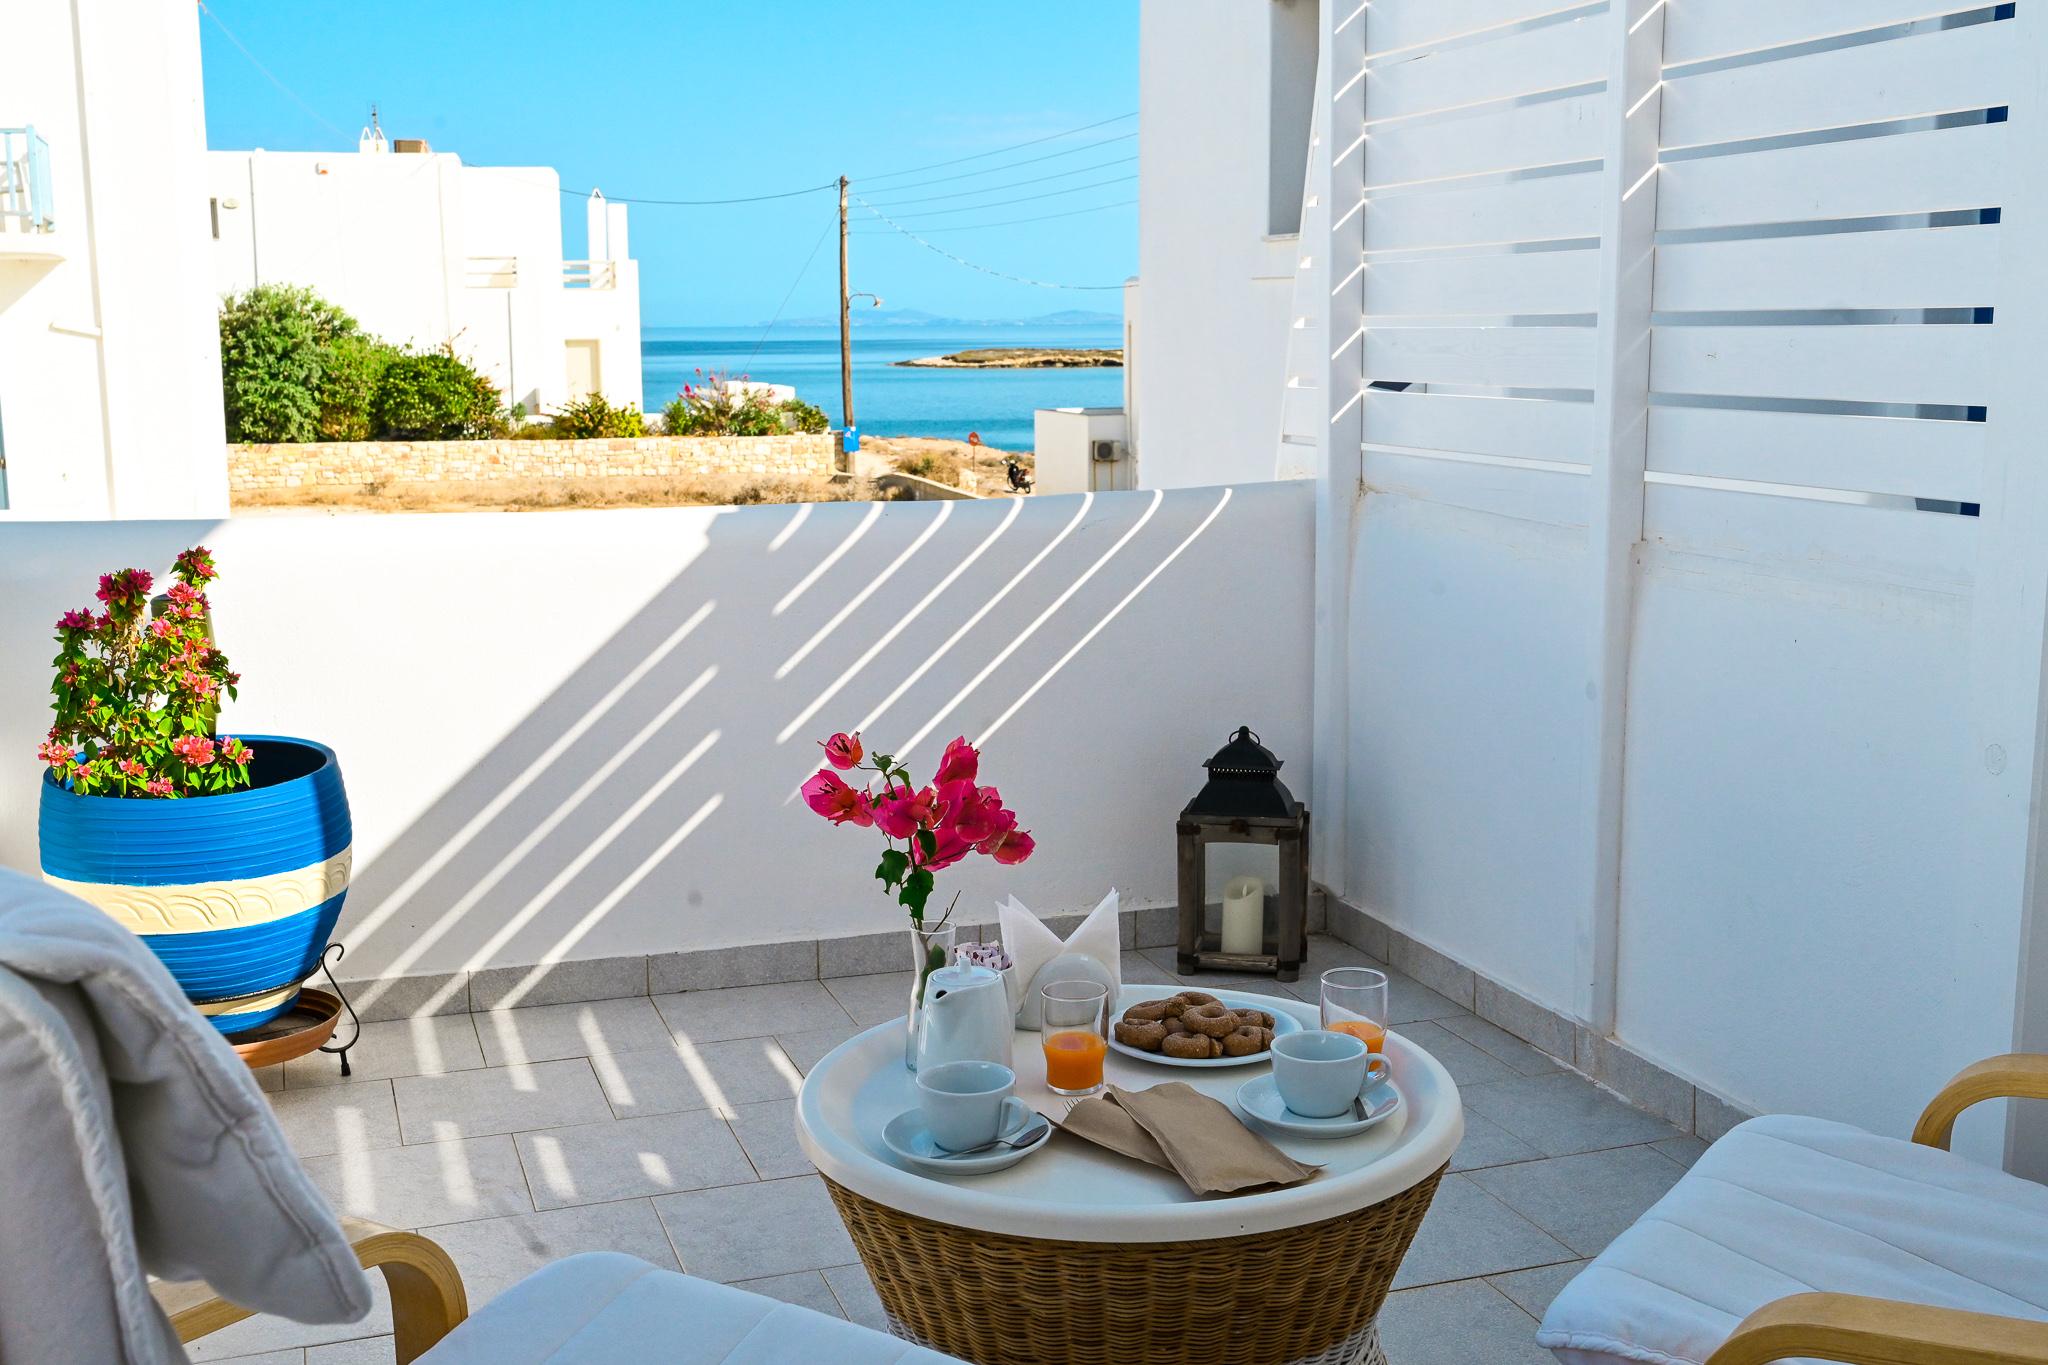 Bocamviglies rooms by the sea - Naoussa - Paros